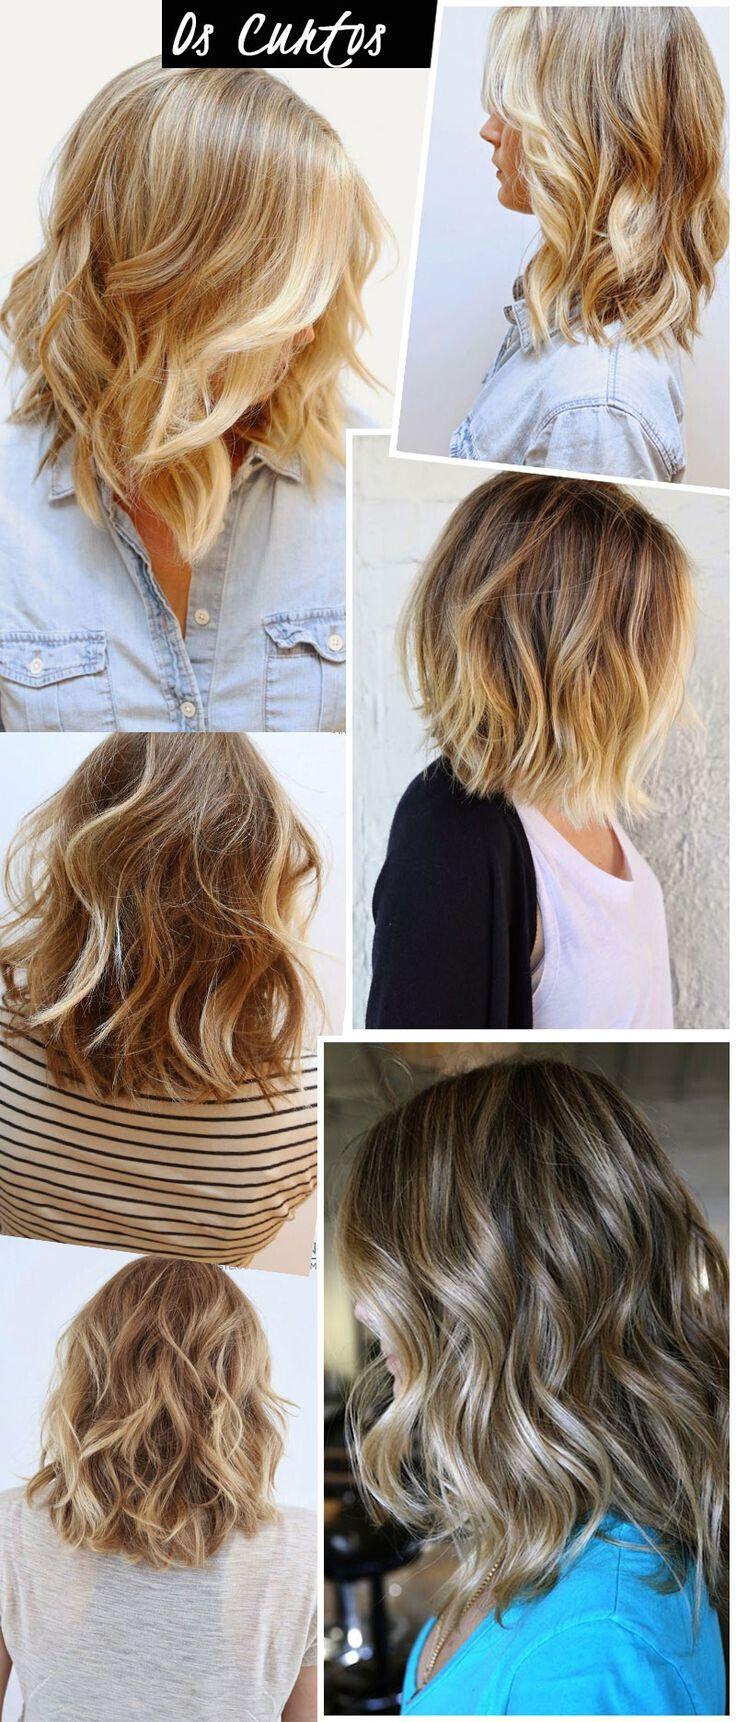 Lob Haircut Ideas Popular Haircuts